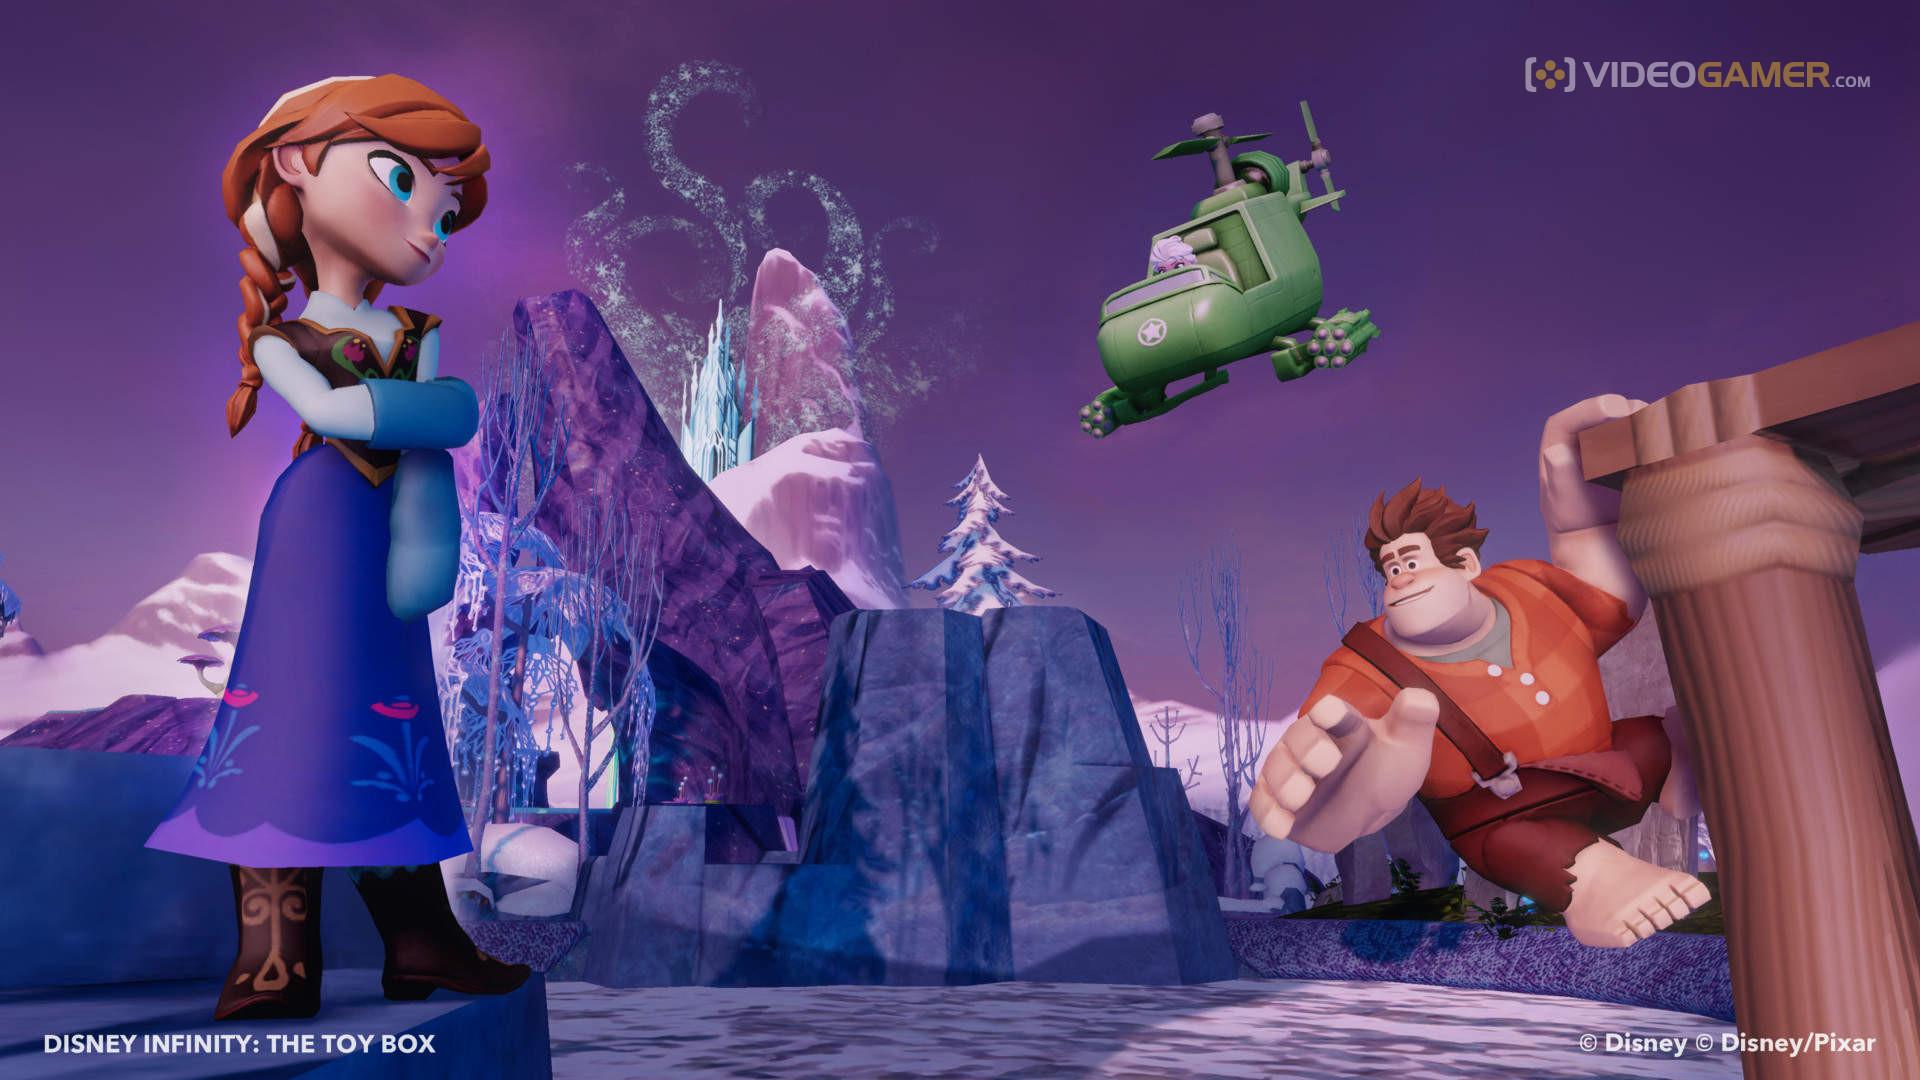 Wreck it ralph disney infinity wiki fandom powered by - Disney Infinity 120 Jpg